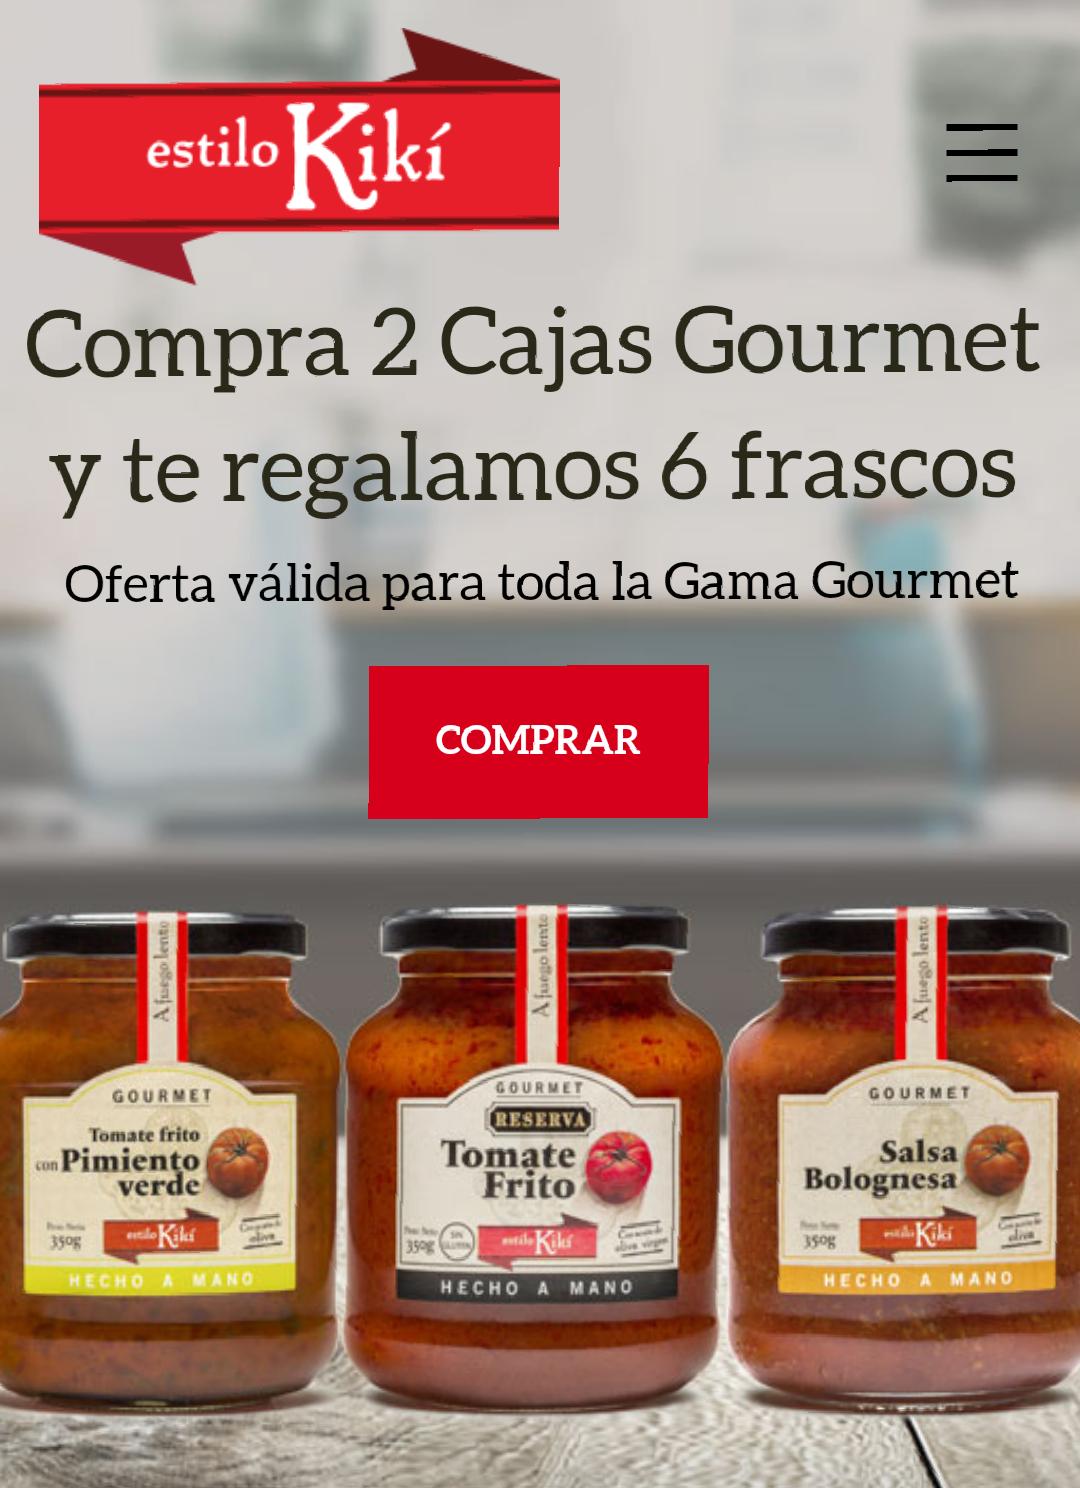 6 botes de tomate gourmet gratis al comprar 2 cajas.